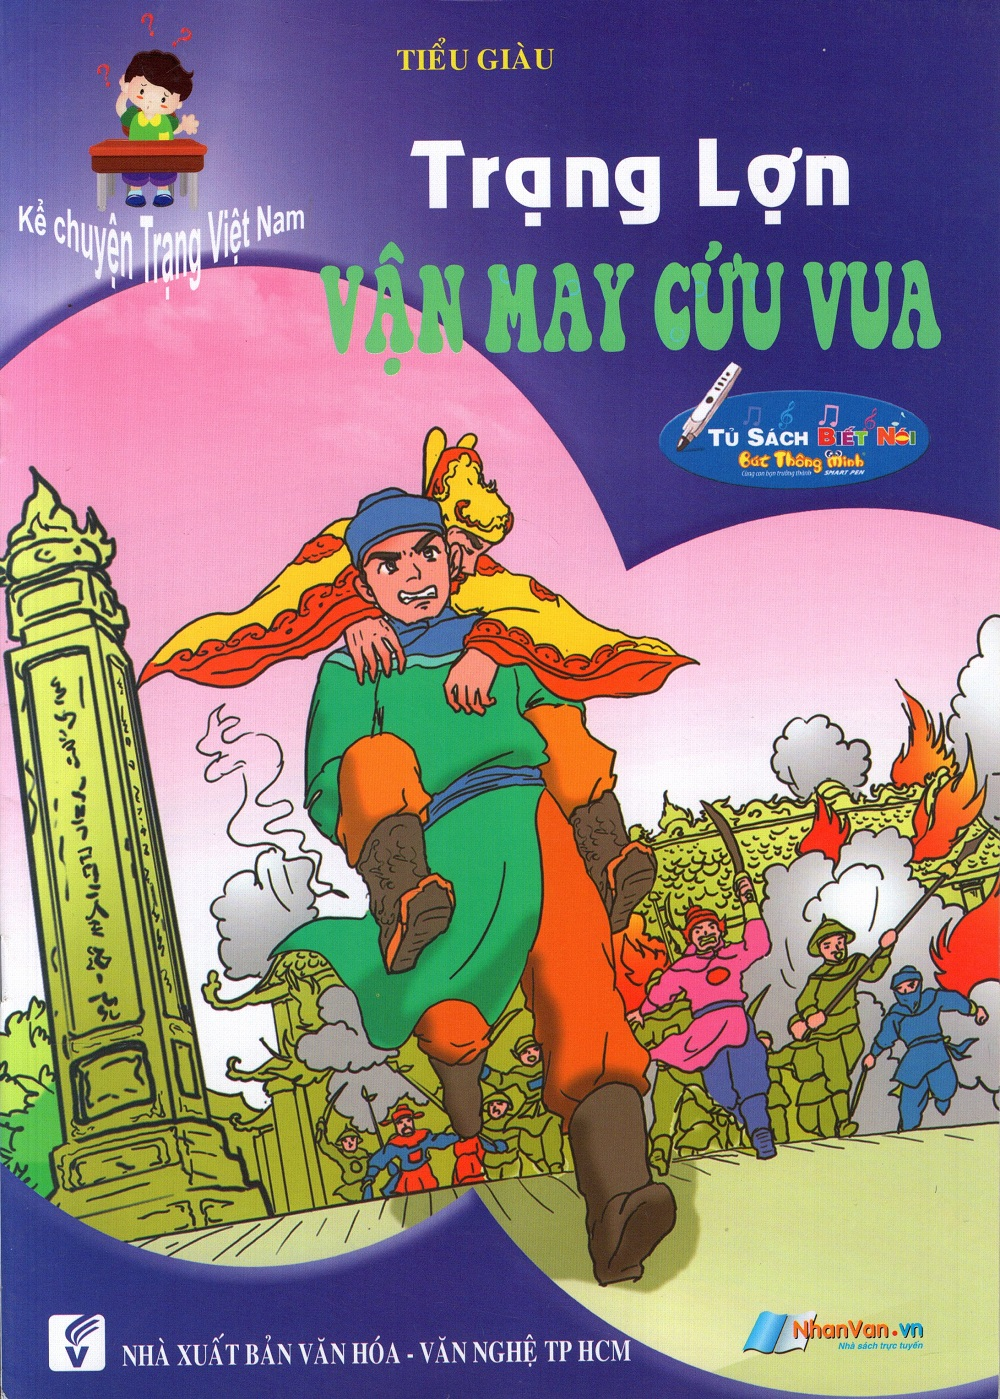 Bìa sách Kể Chuyện Trạng Việt Nam: Trạng Lợn - Vận May Cứu Chúa